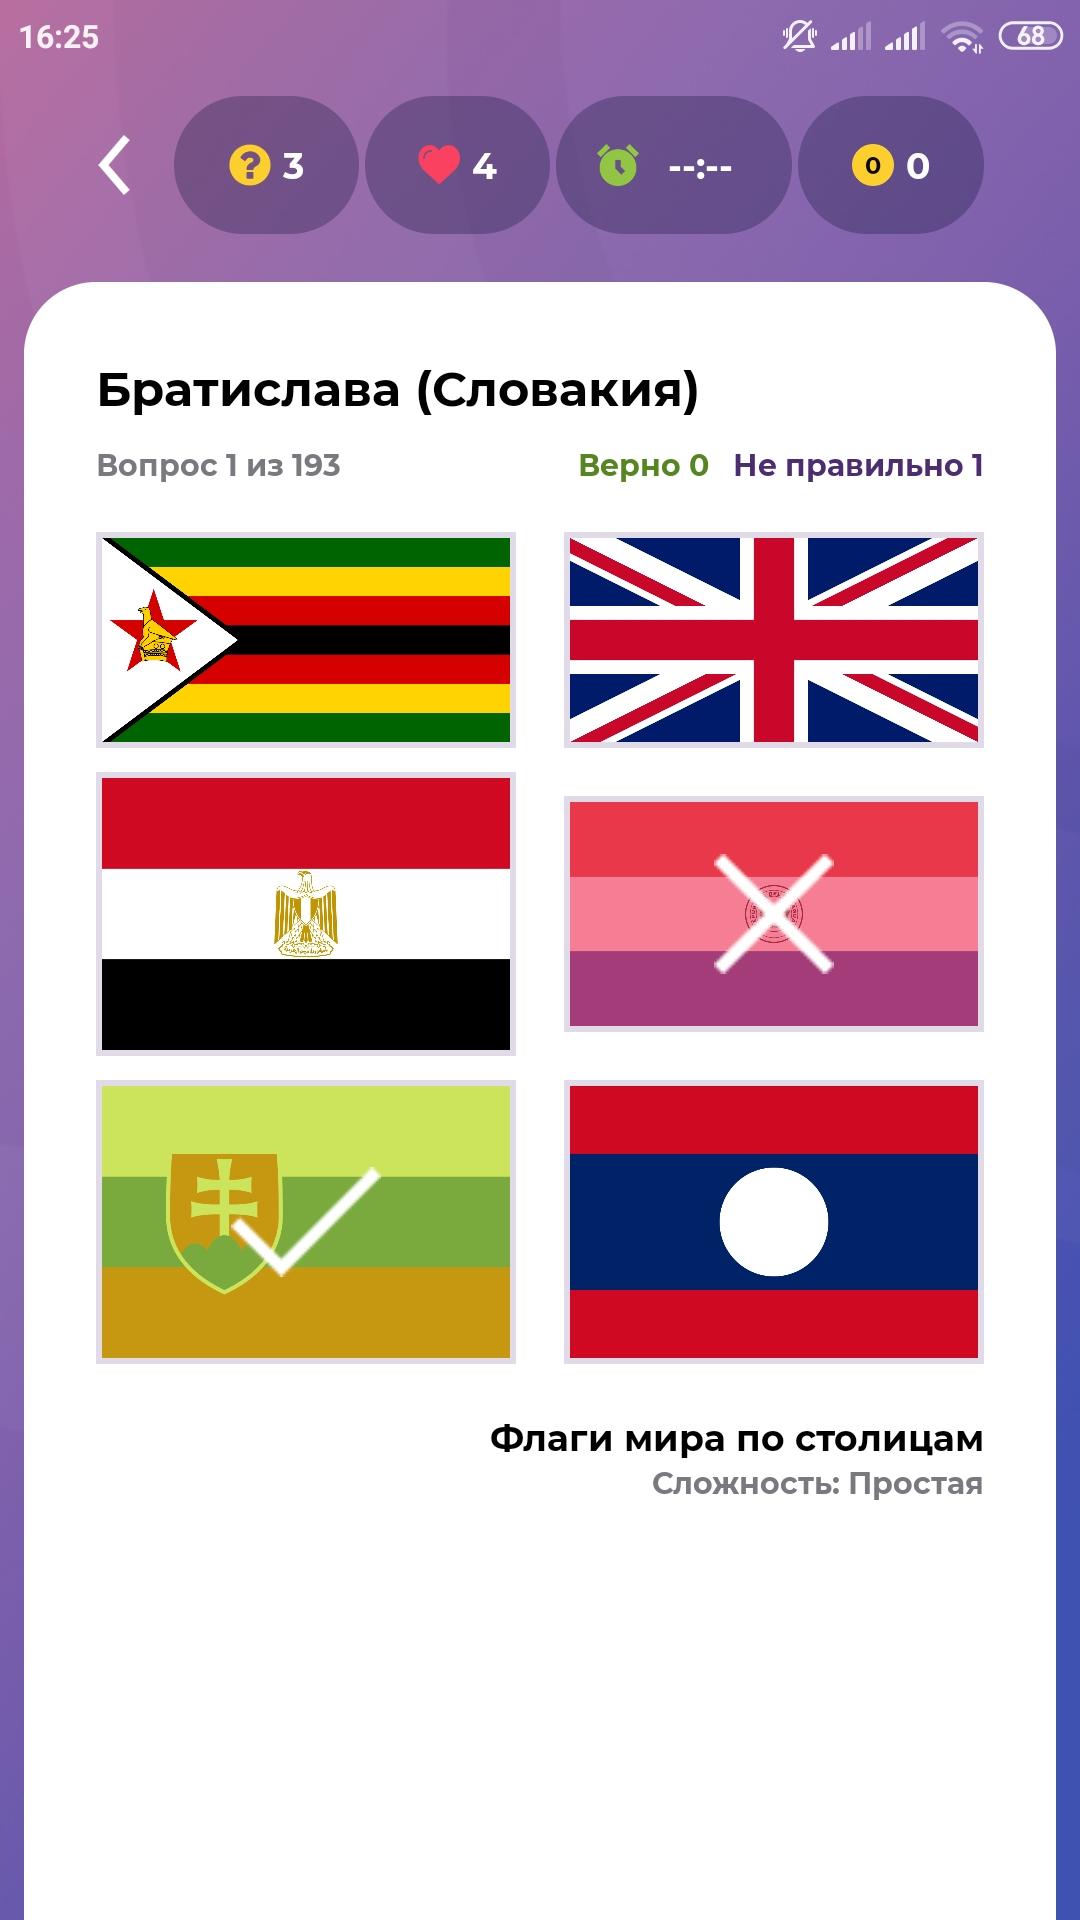 Столицы стран мира и флаги